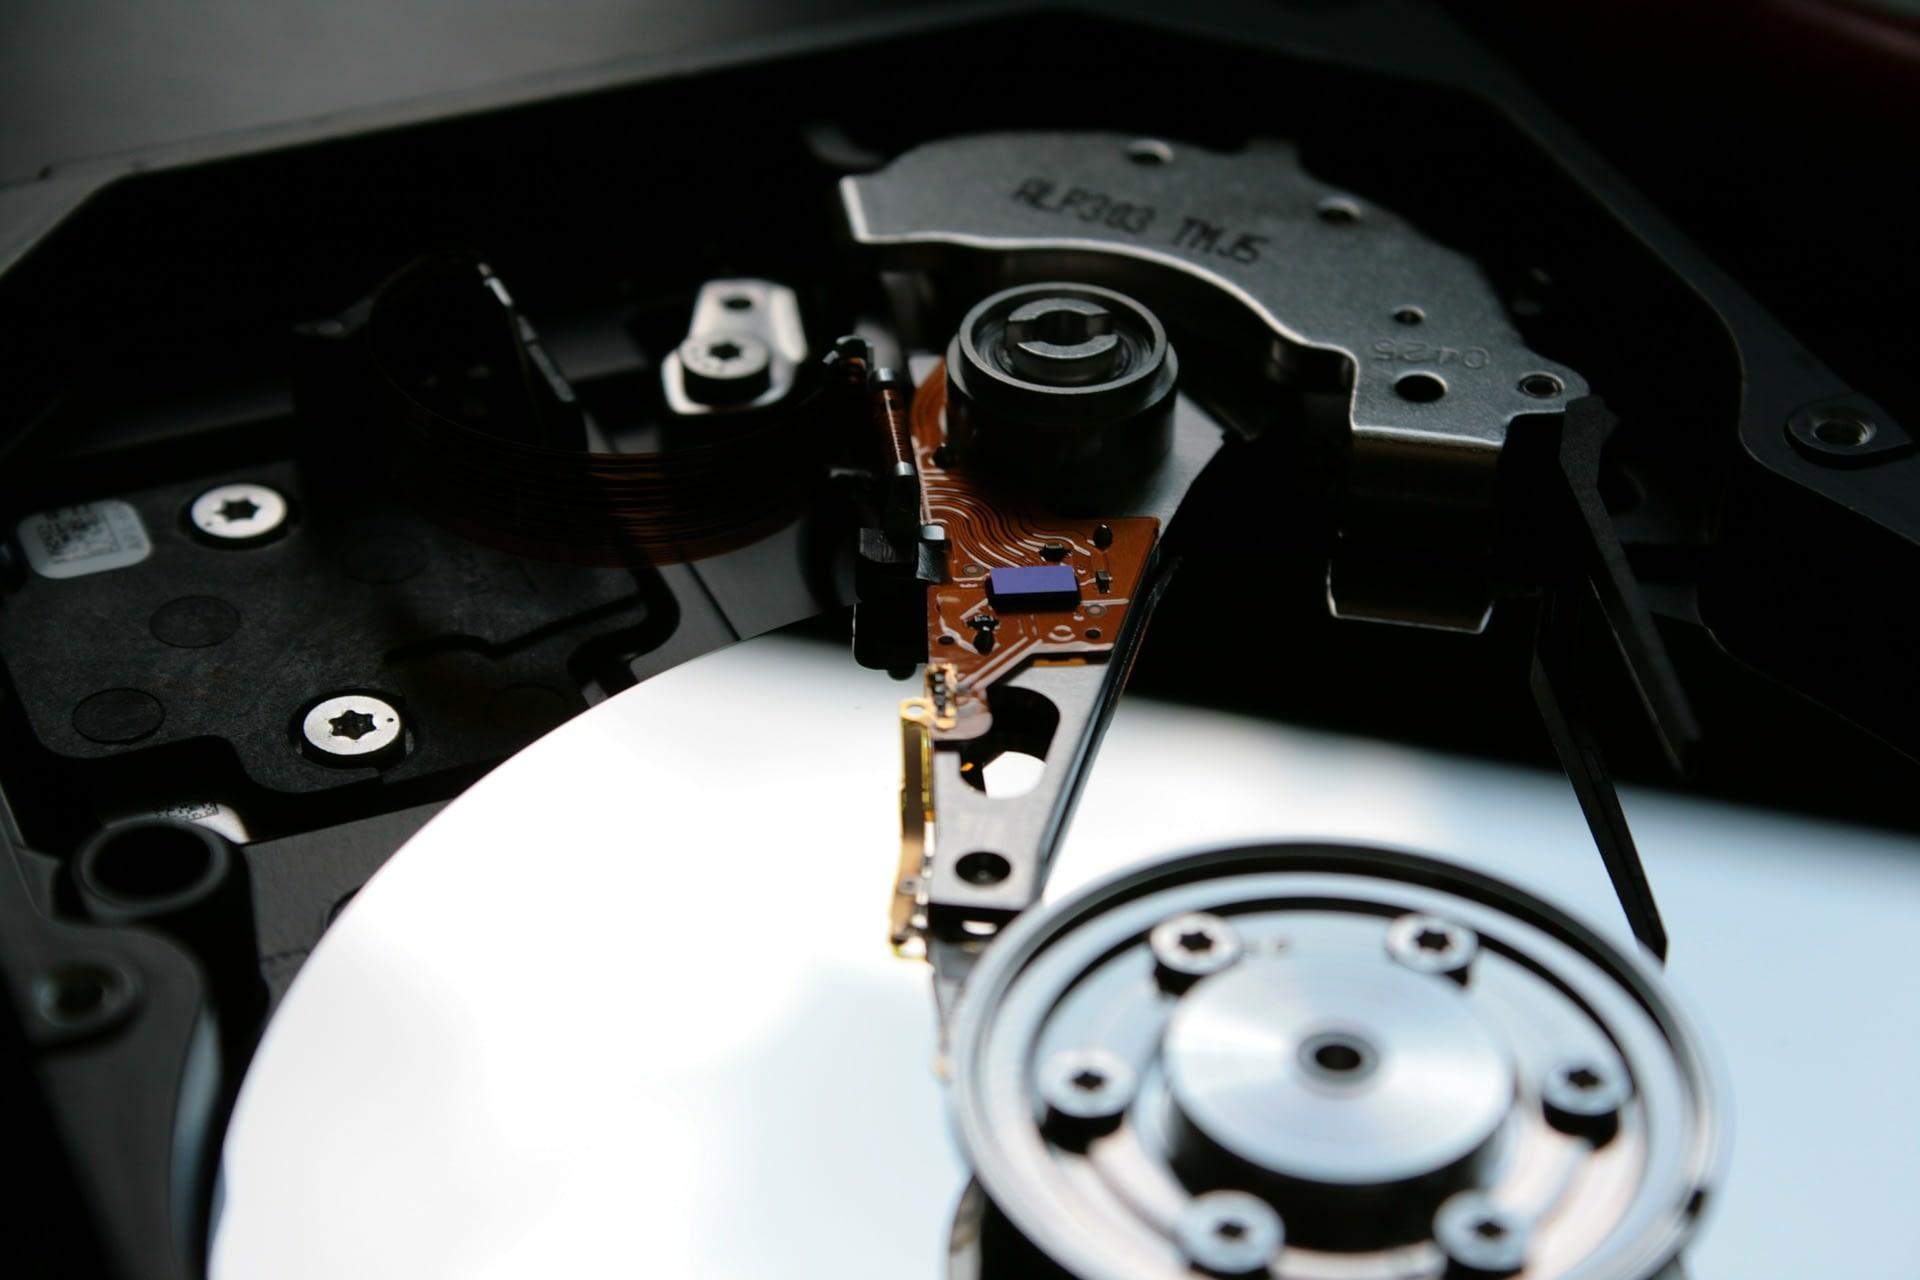 harde schijf van een computer